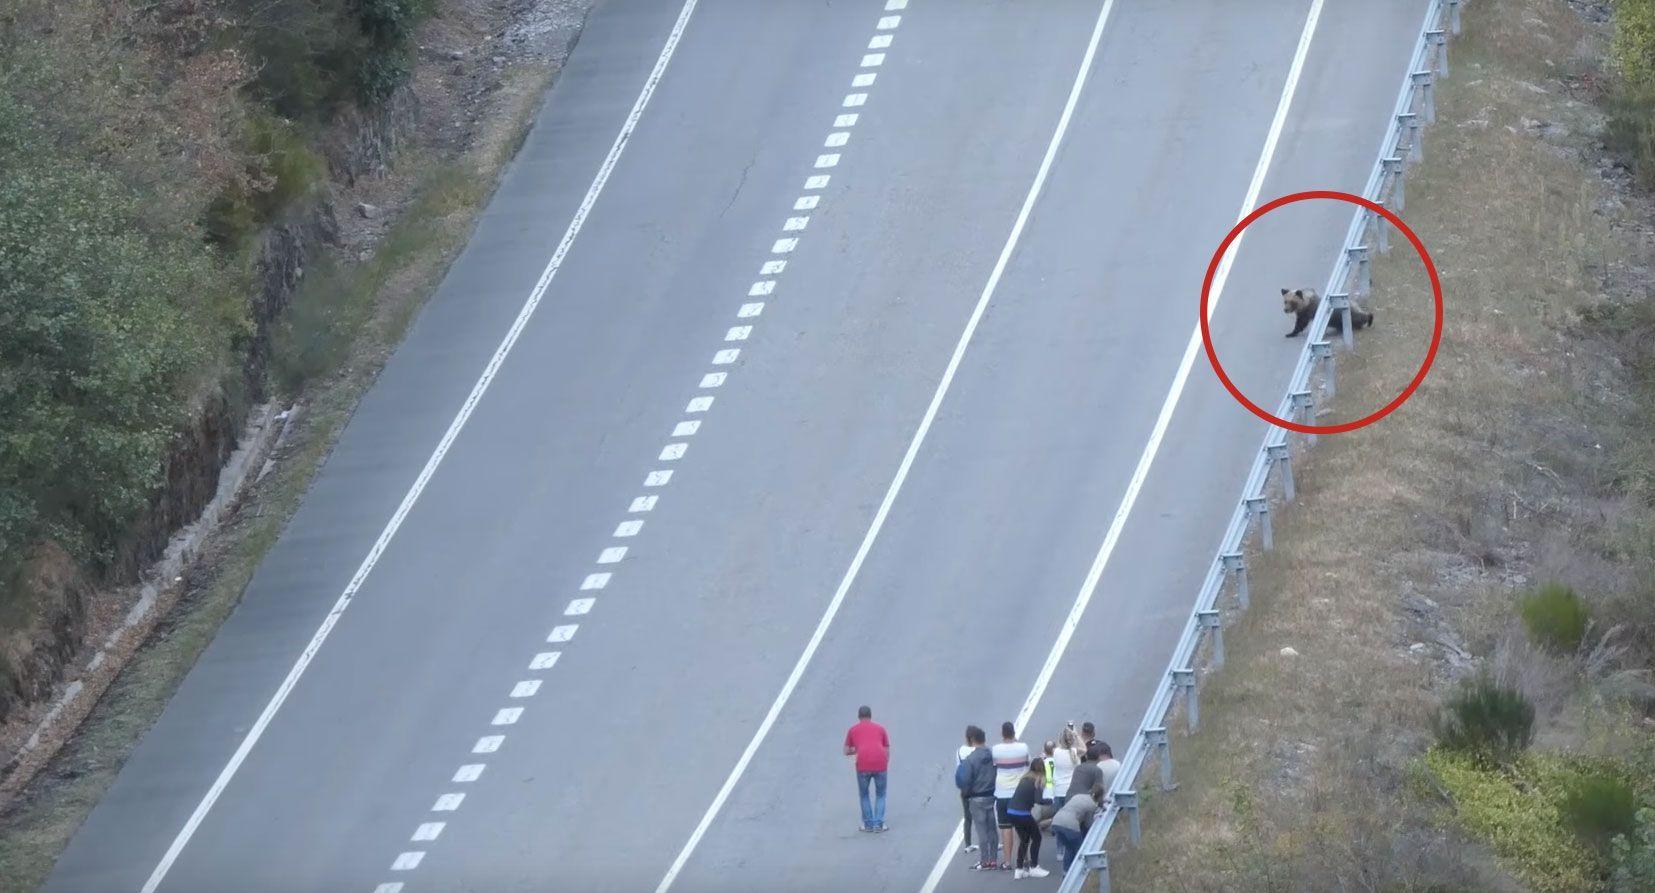 Turistas acosan a un oso pardo y acaba cruzando la carretera • La nube de algodón